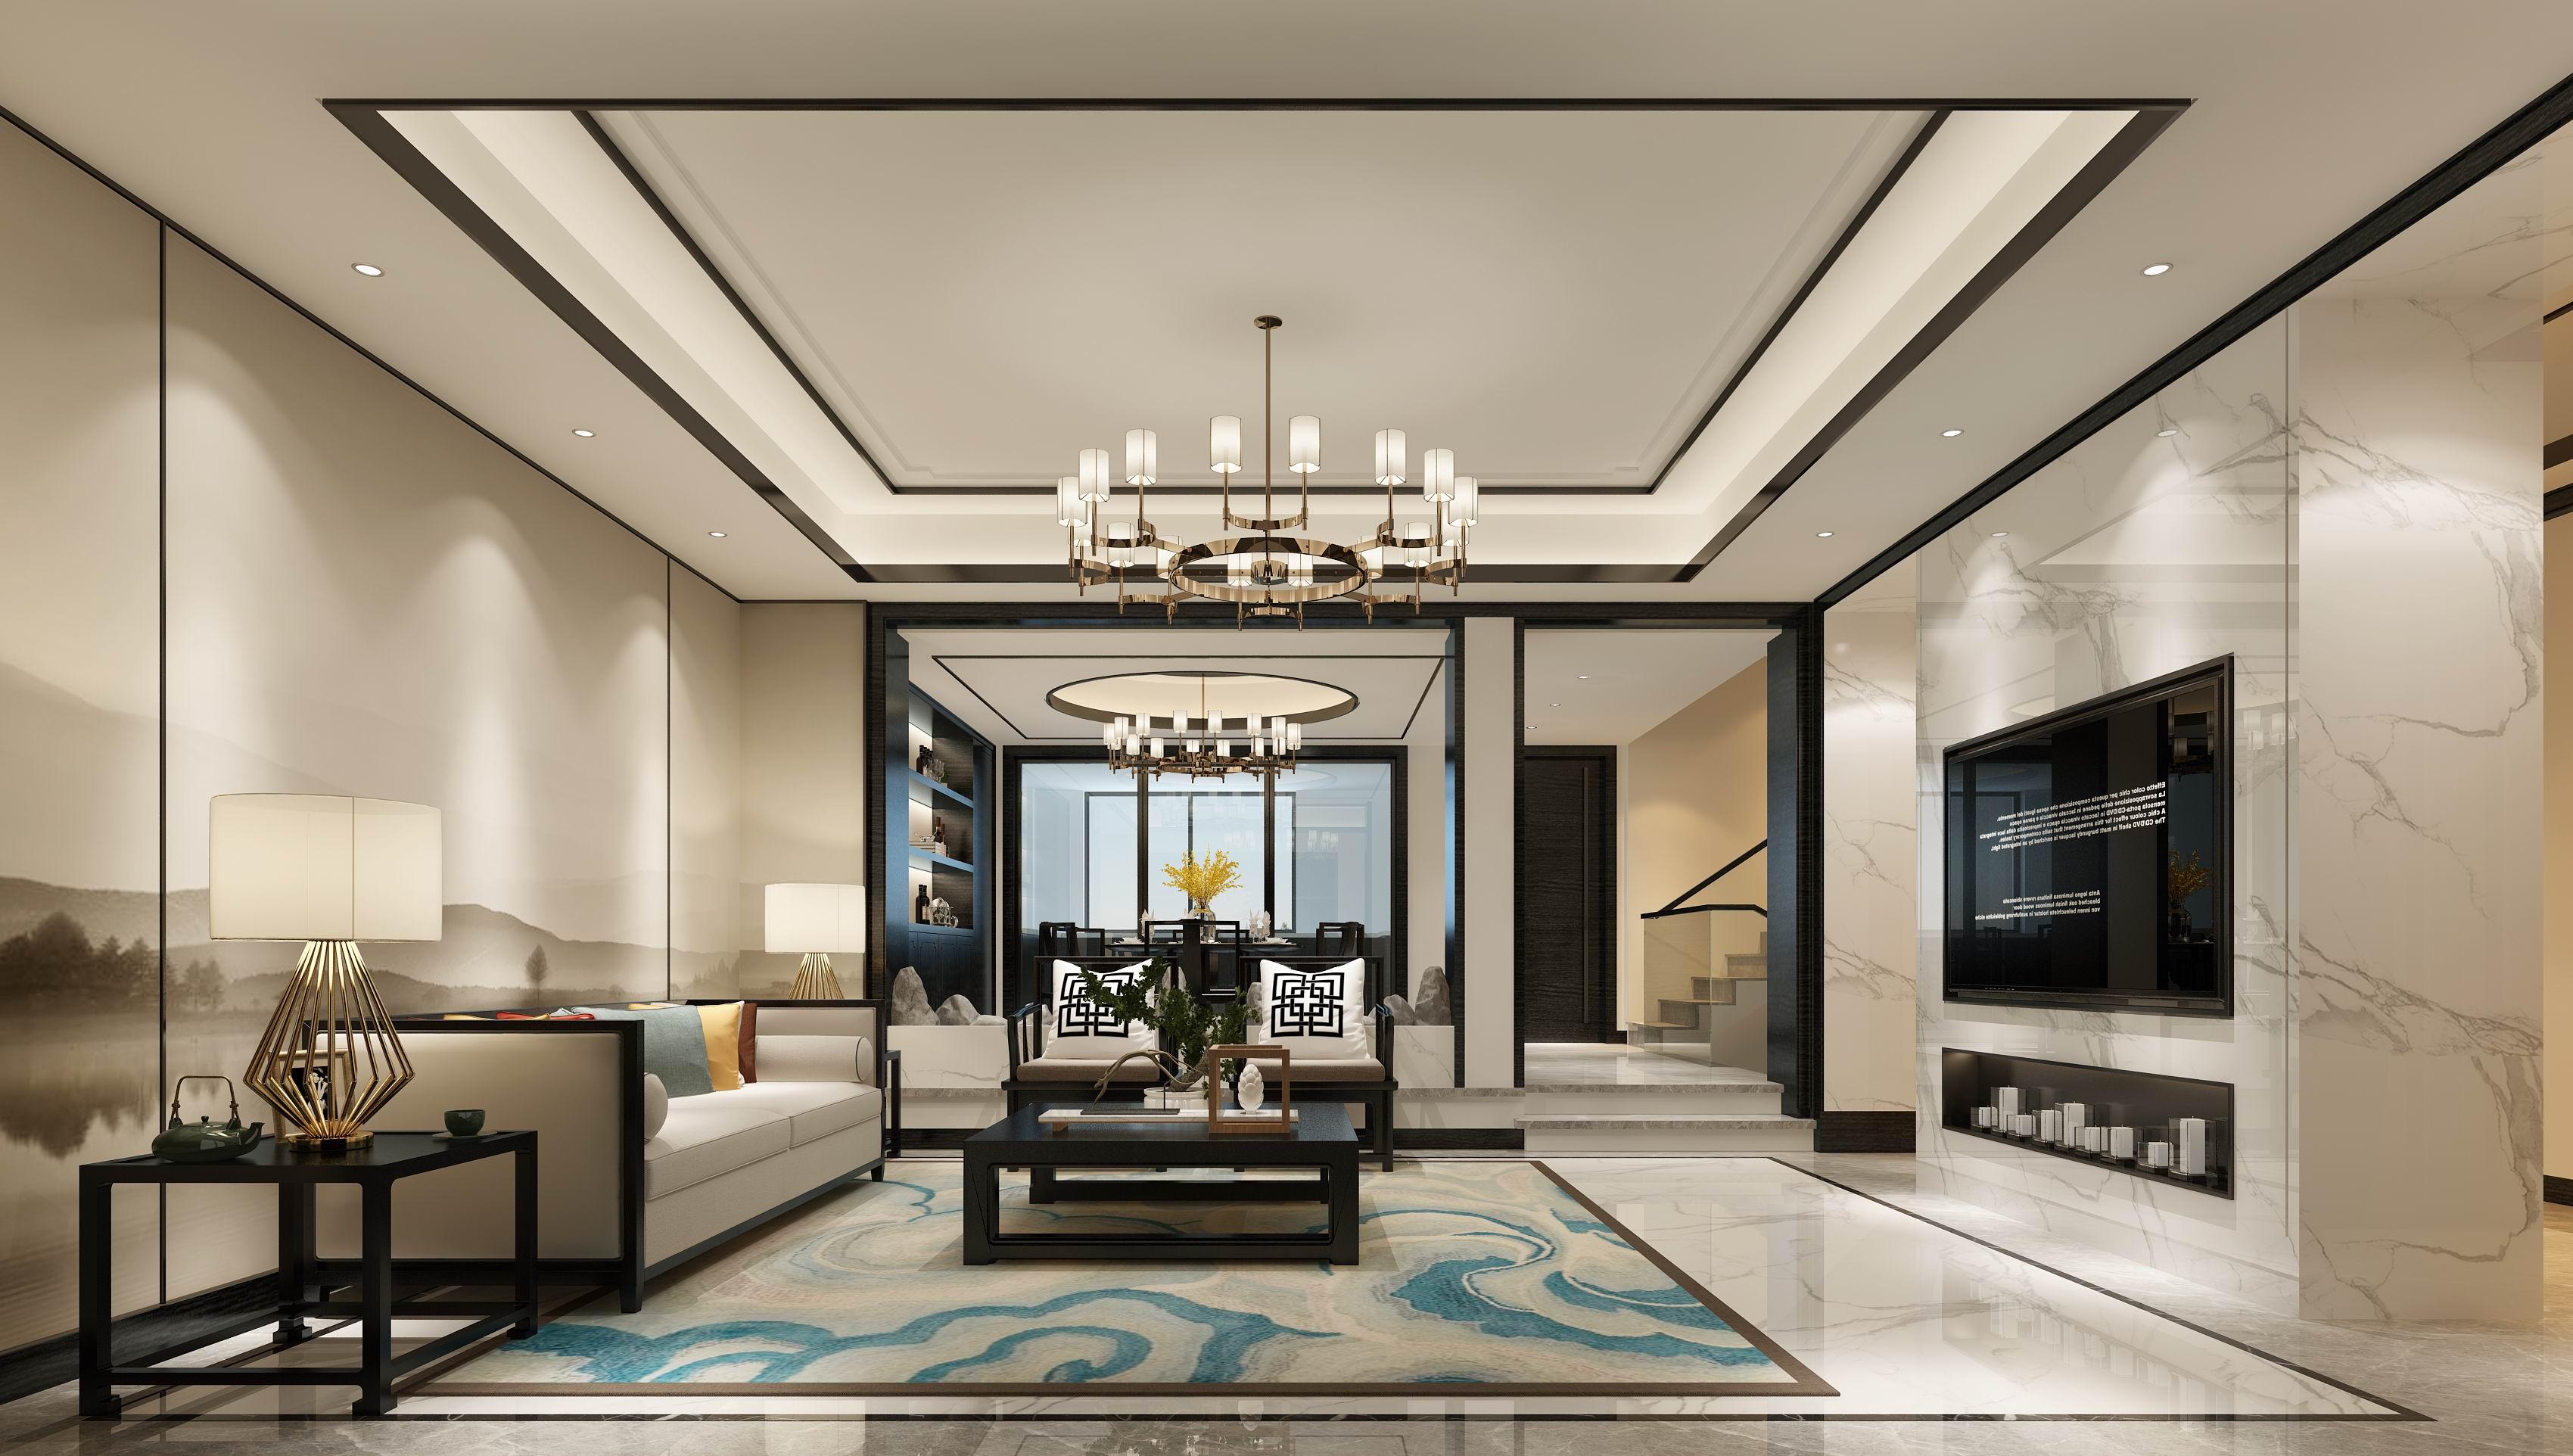 别墅 设计 装修 案例 新中式 客厅图片来自无锡别墅设计s在水岸名府新中式450㎡装修案例的分享